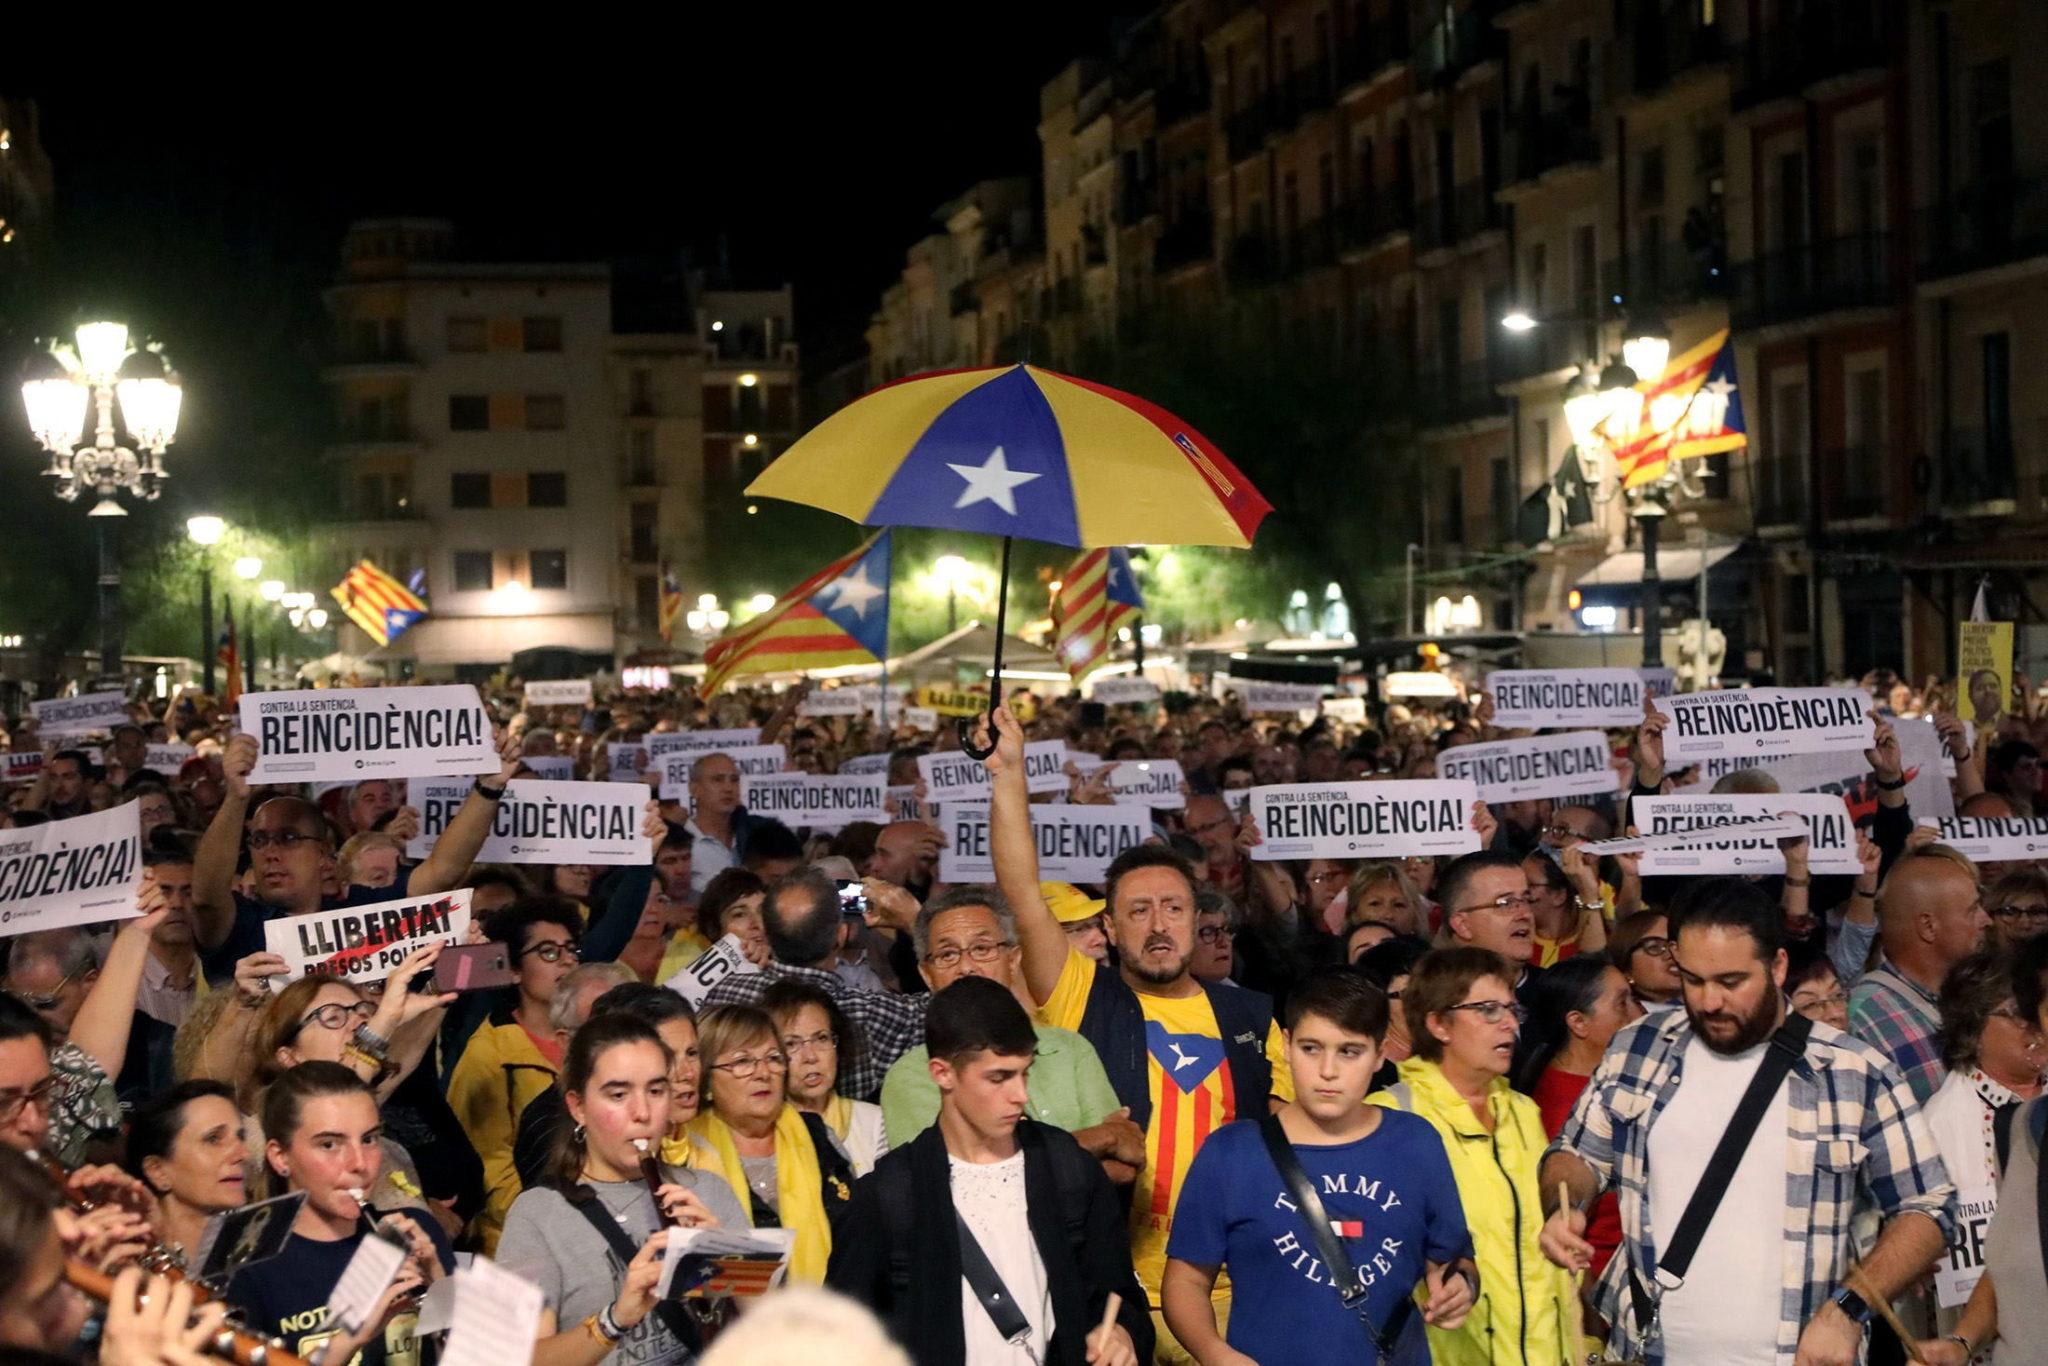 Sąd Najwyższy Hiszpanii skazał wcześniej dziewięcioro katalońskich separatystów na kary więzienia, fot. JAUME SELLART , PAP/EPA